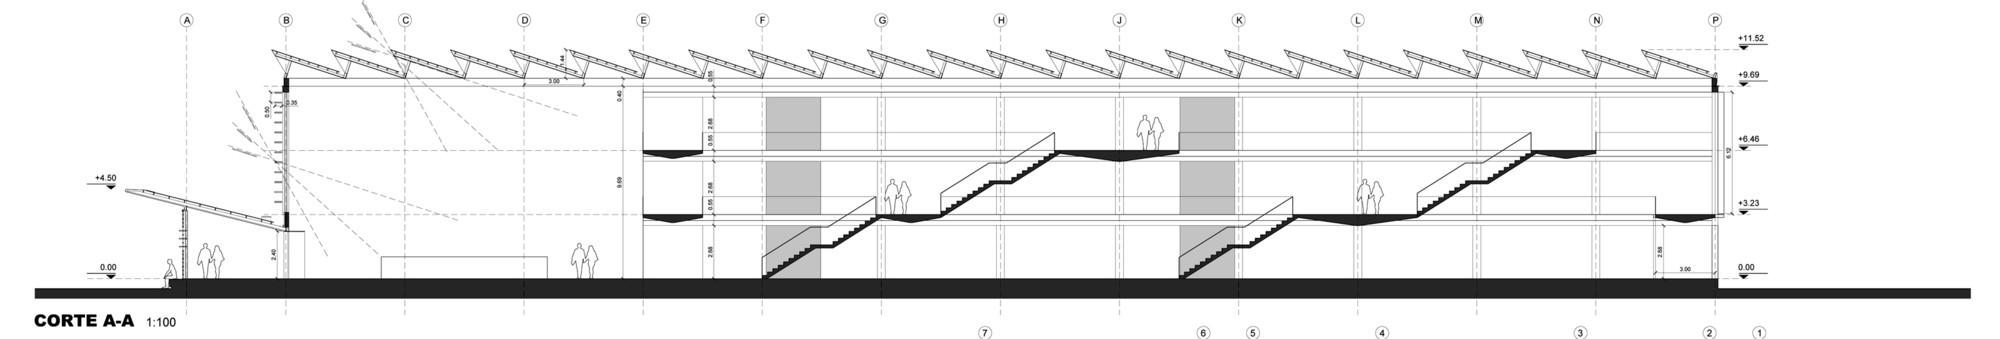 Corte/Sección Longitudinal